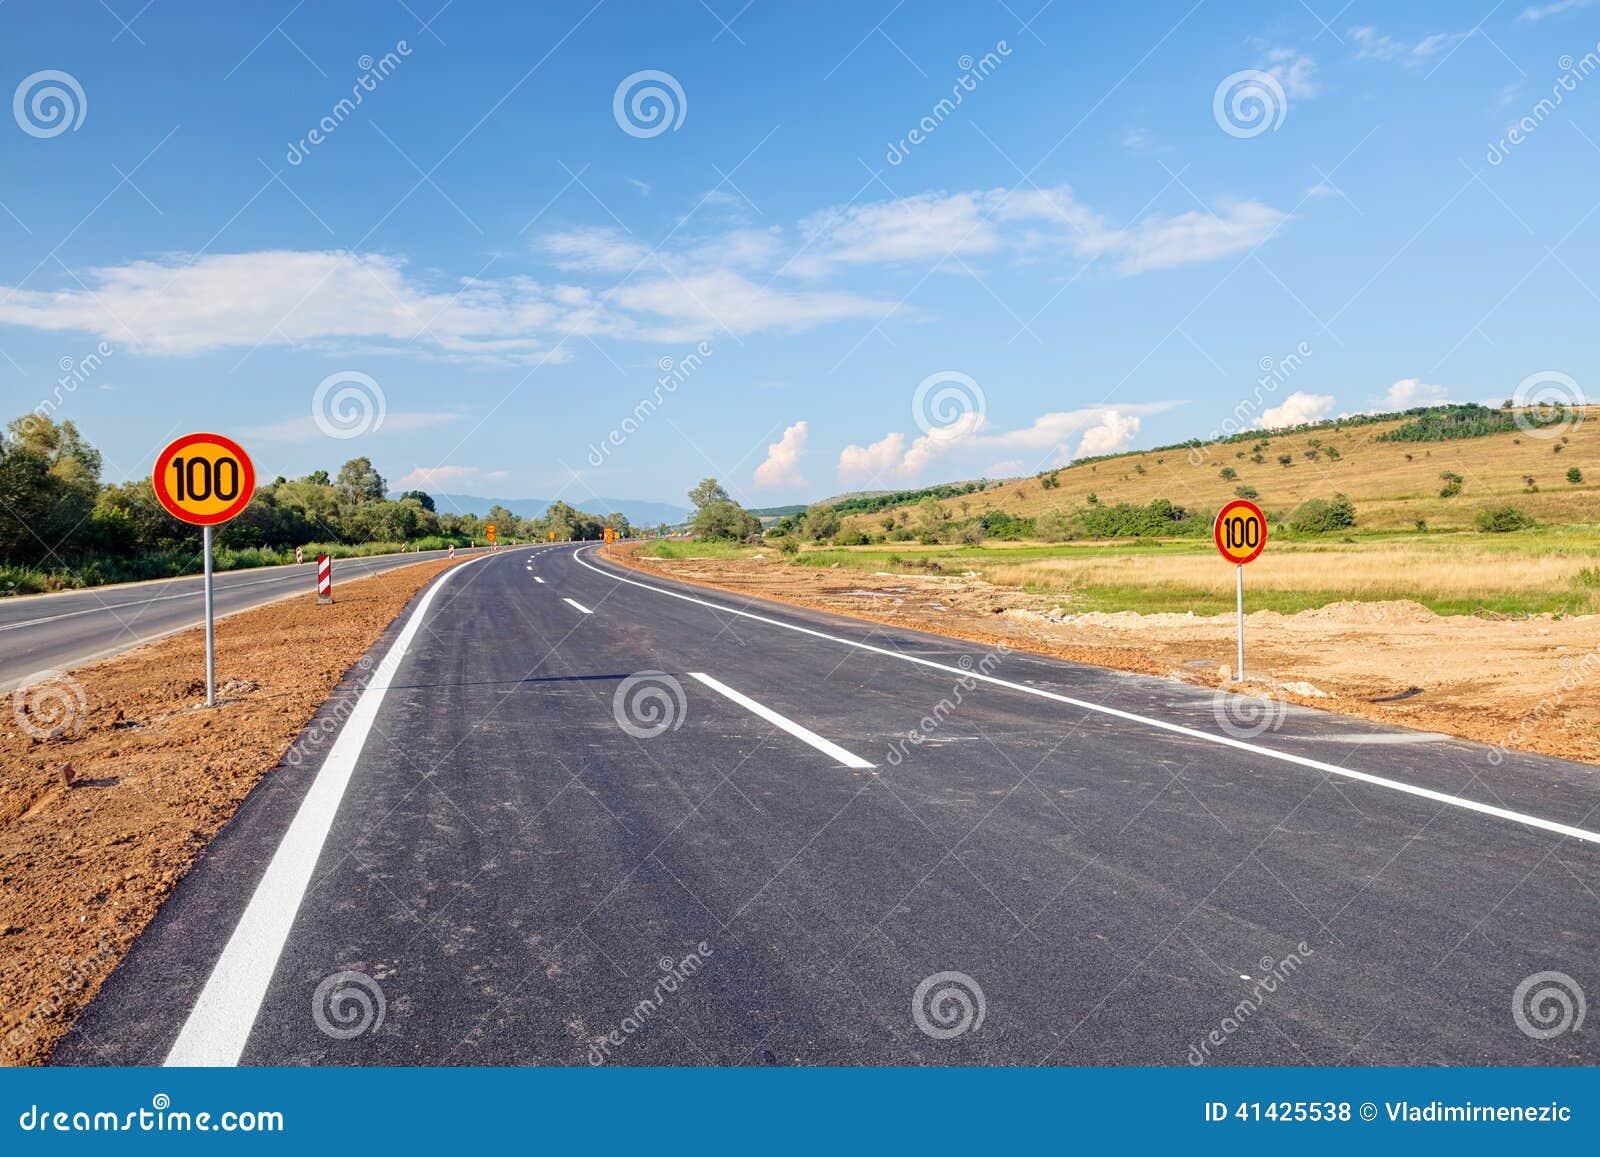 дорога асфальта новая